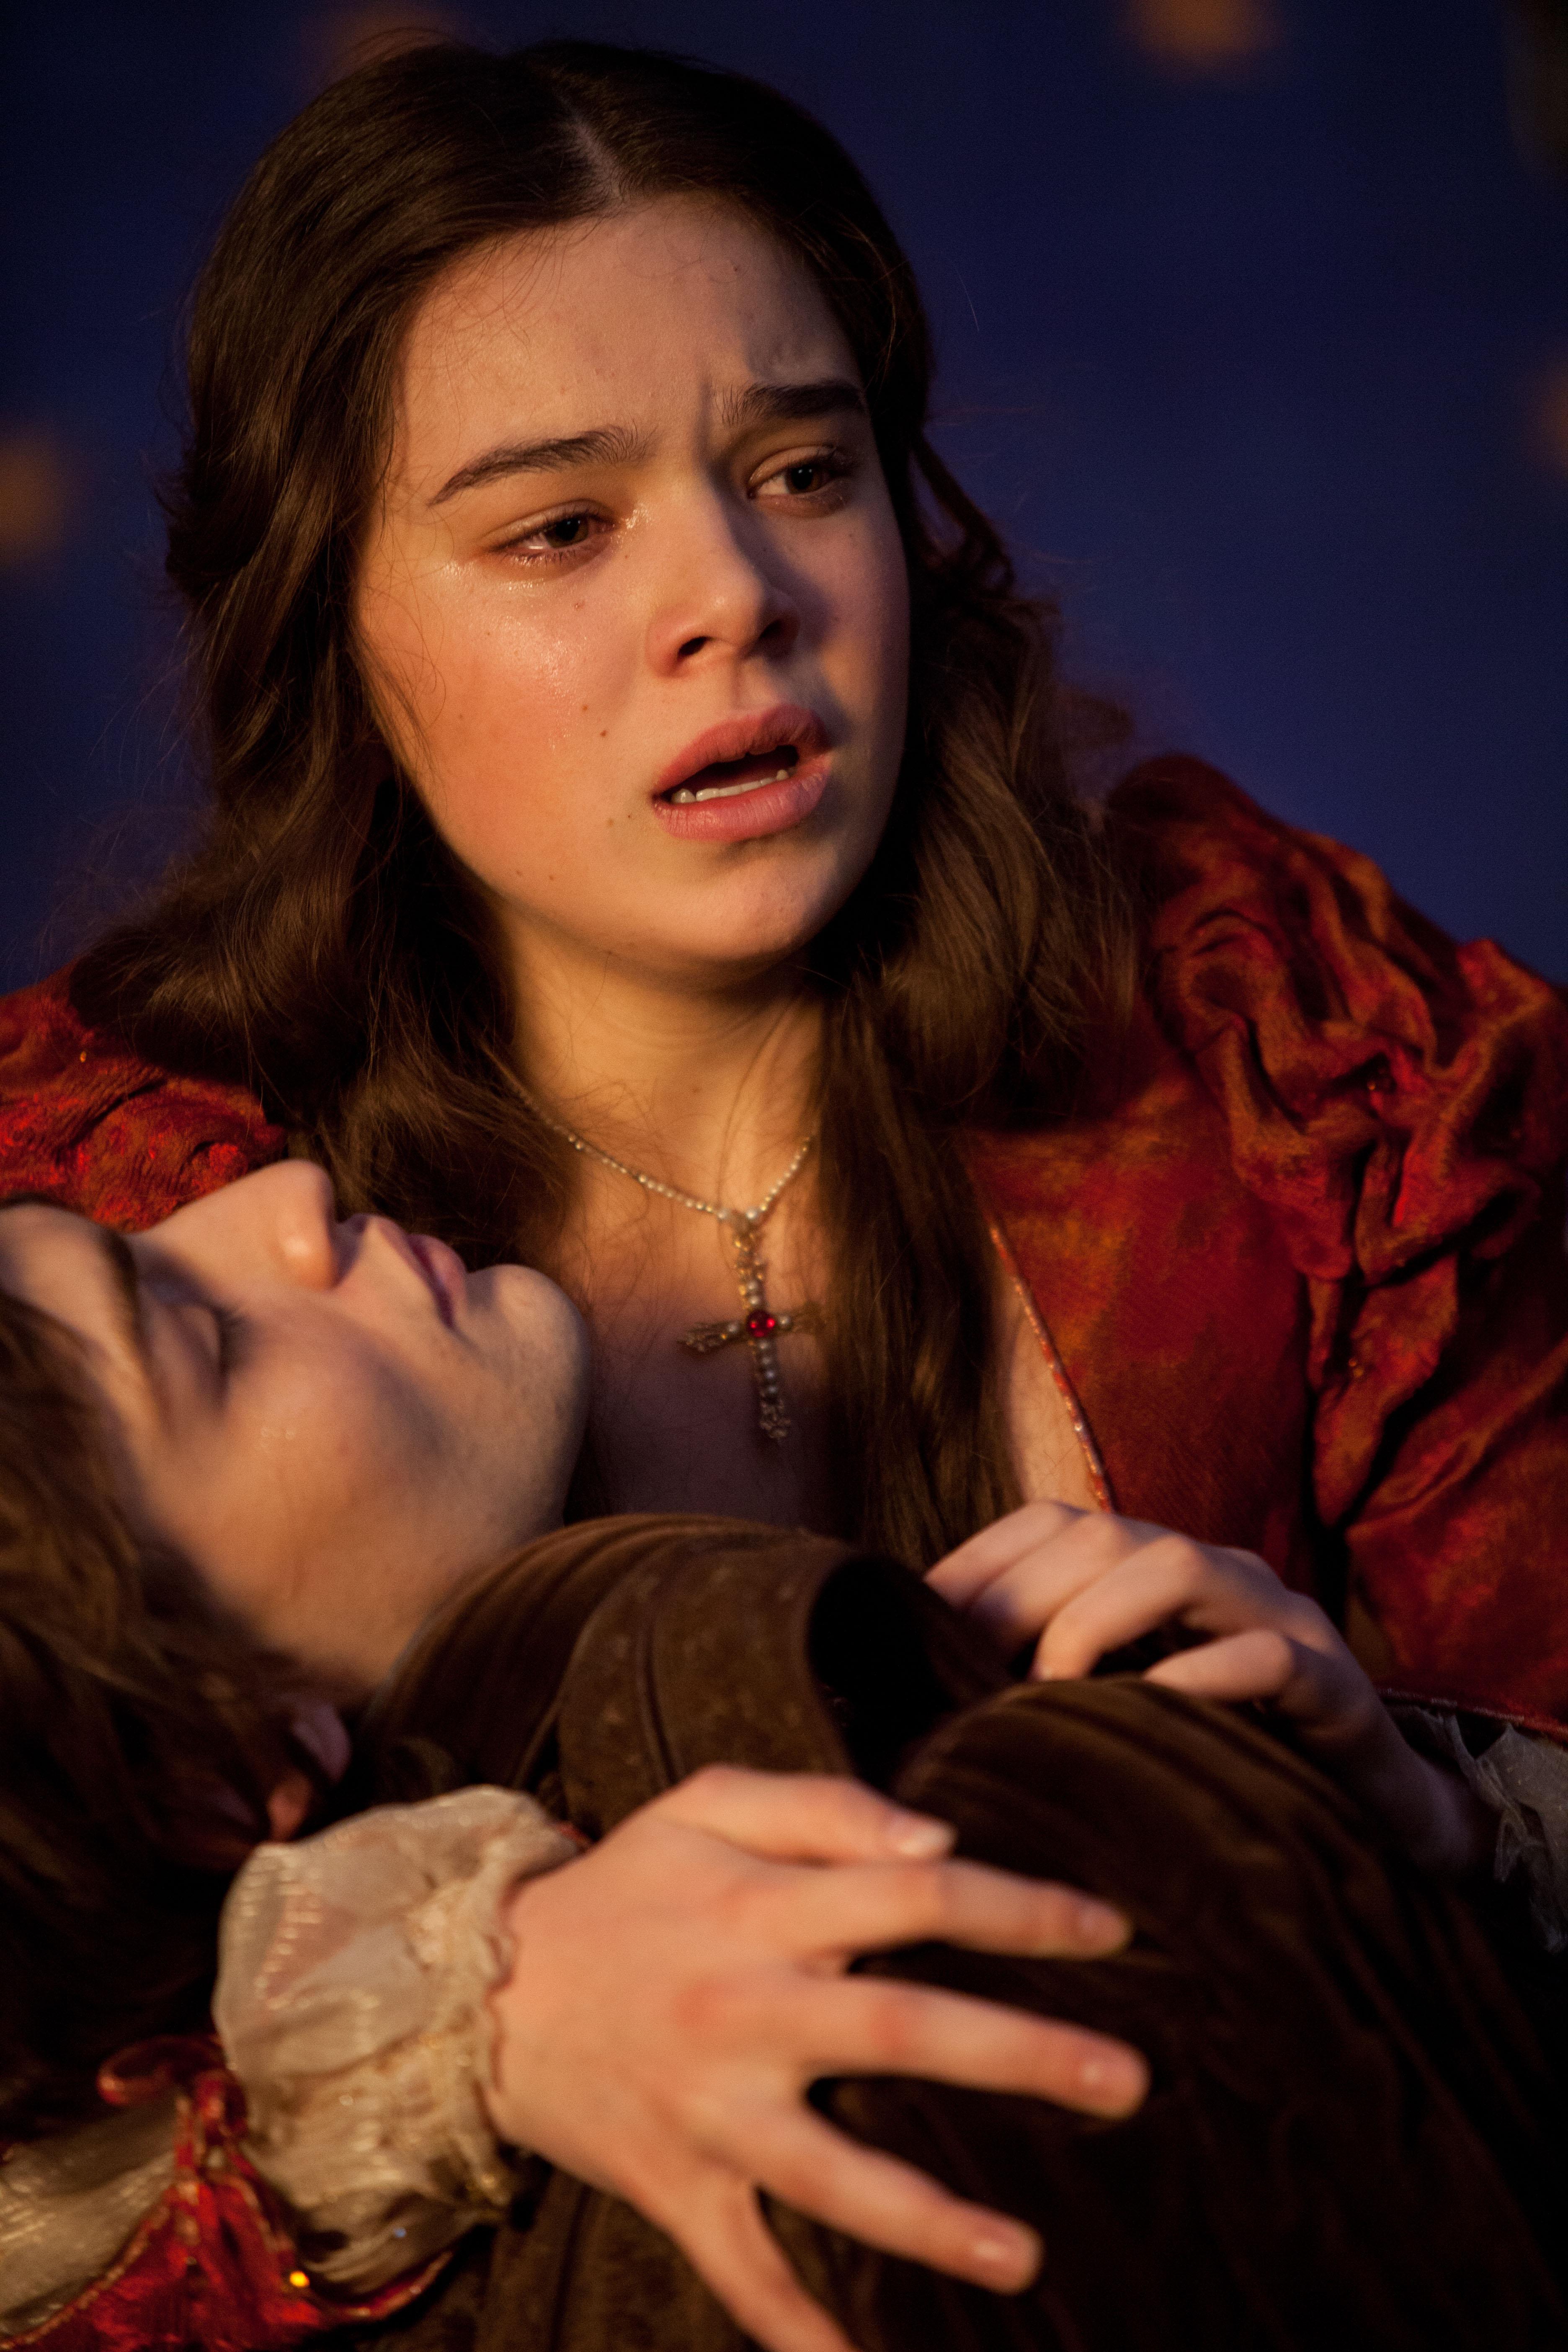 Ромео и джульетта фильм смотреть